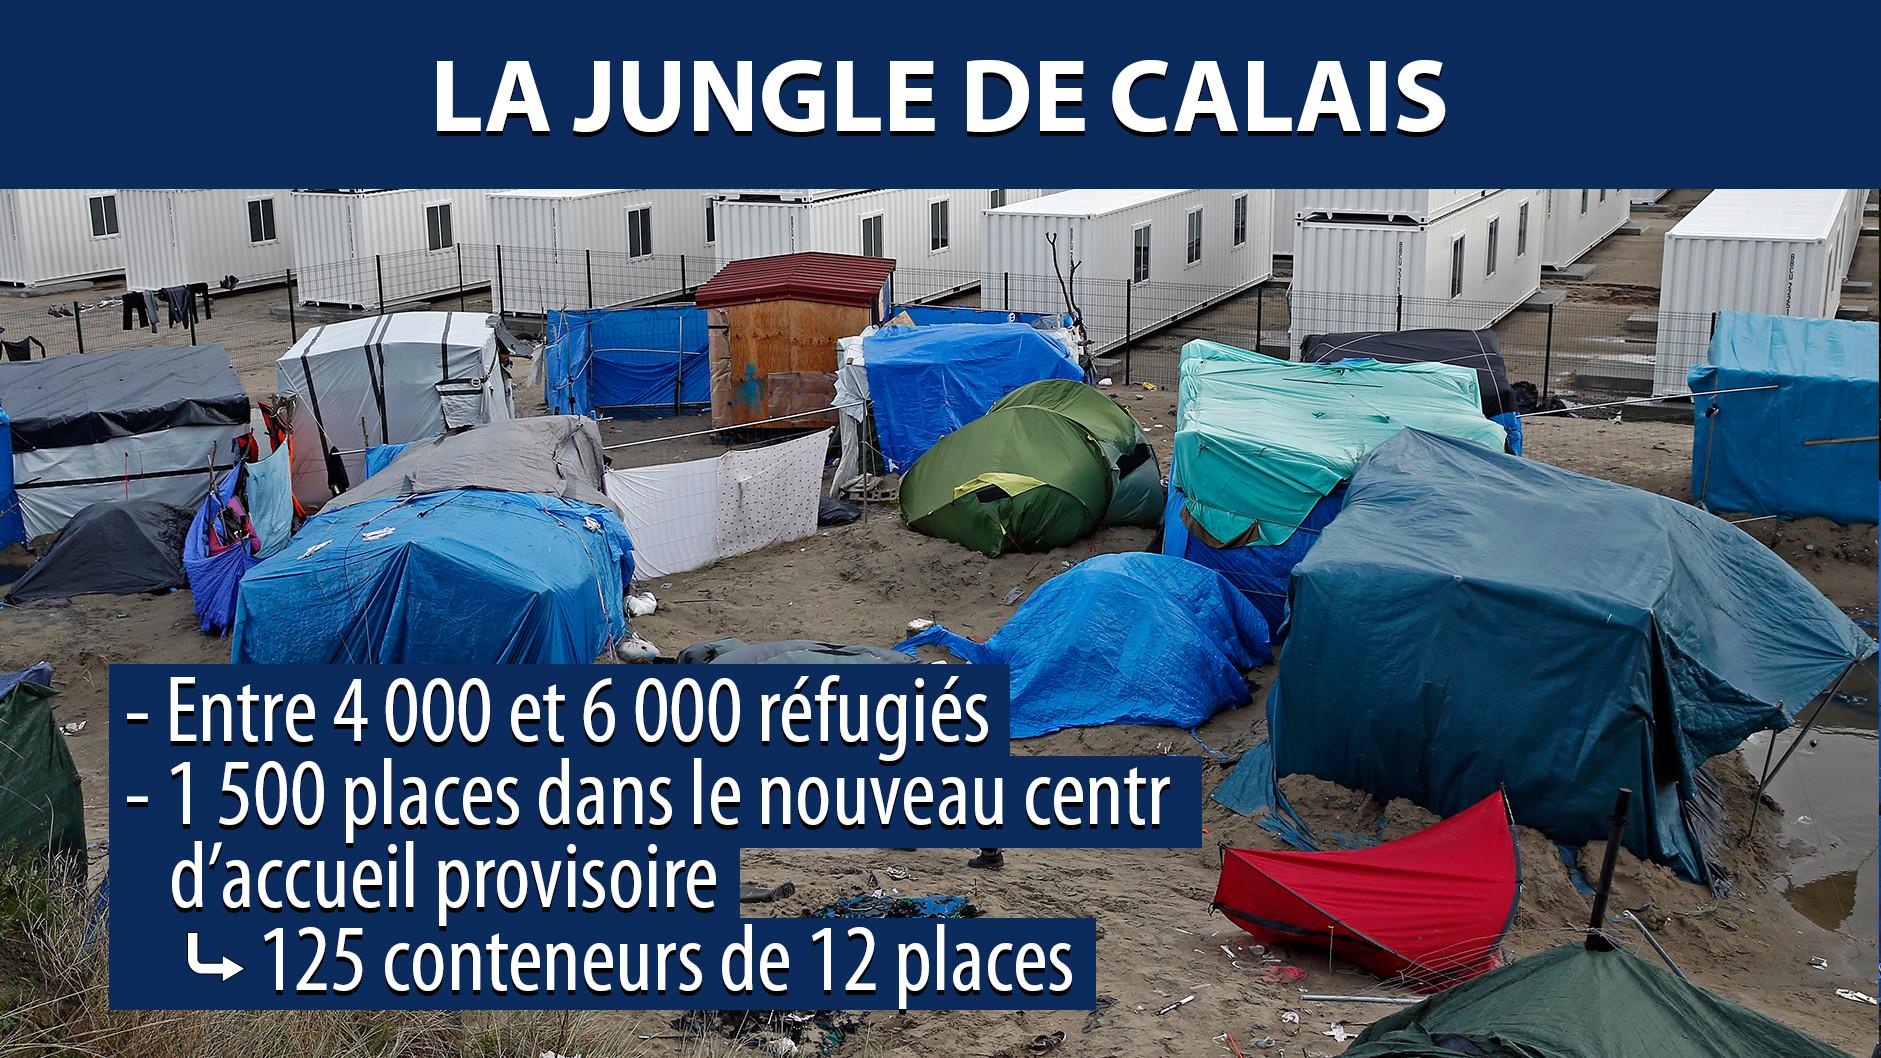 Calais : les autorités vont détruire les tentes de fortune des migrants